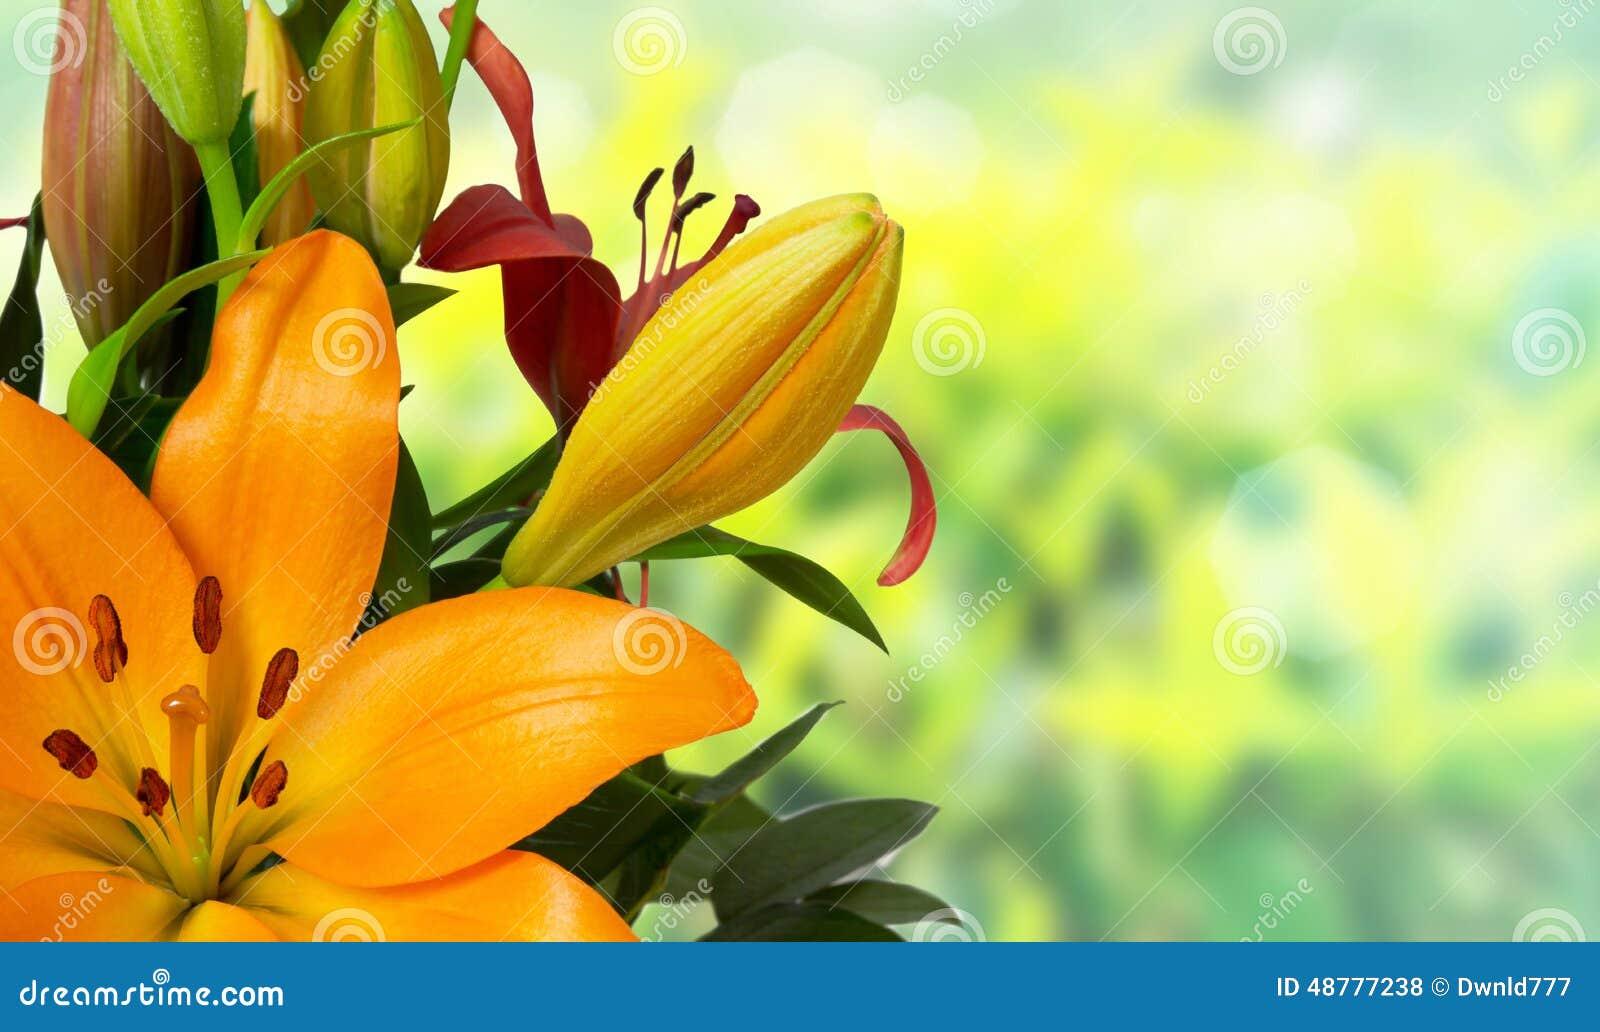 oranzhevie-lilii-buket